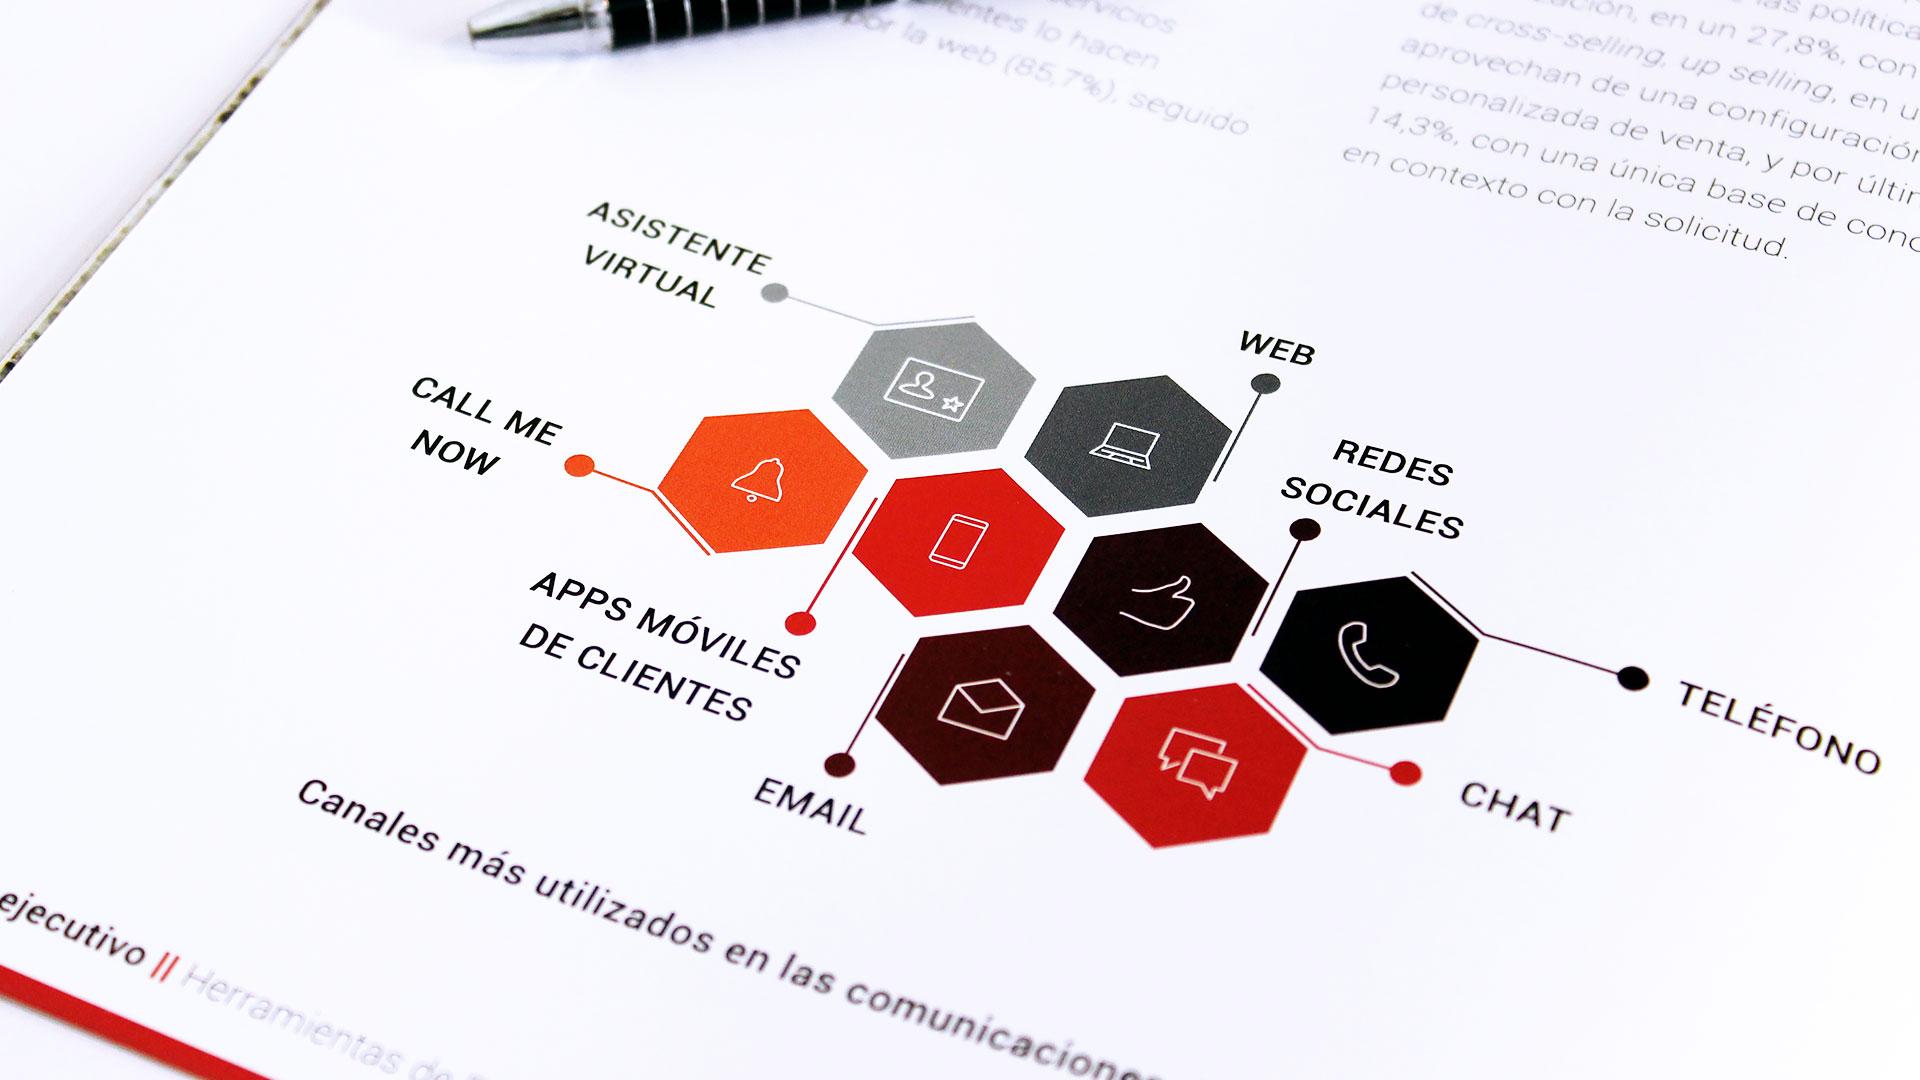 oracle-informe-ebook-content-marketing-evento-herramientas-experiencia-clienye-2016-19